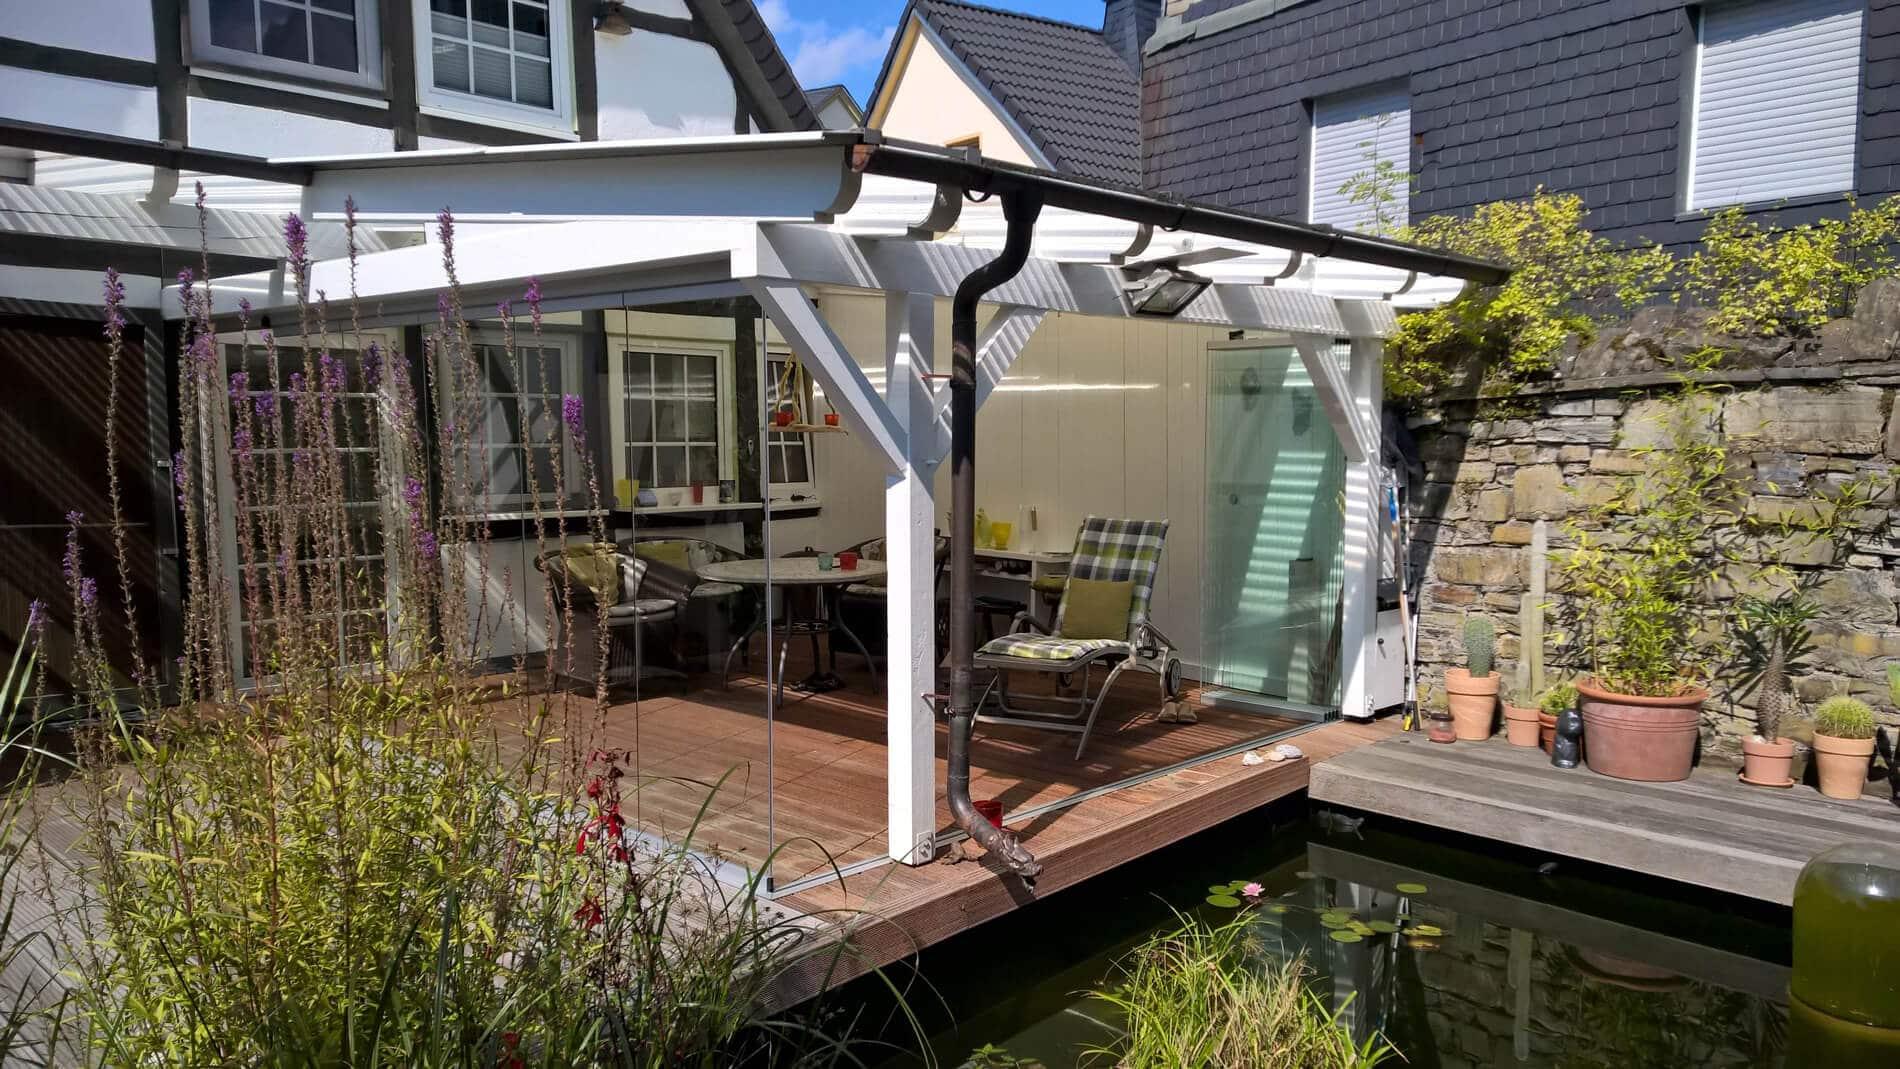 Terrassenüberdachung Holz mit Schiebe-Drehtüren